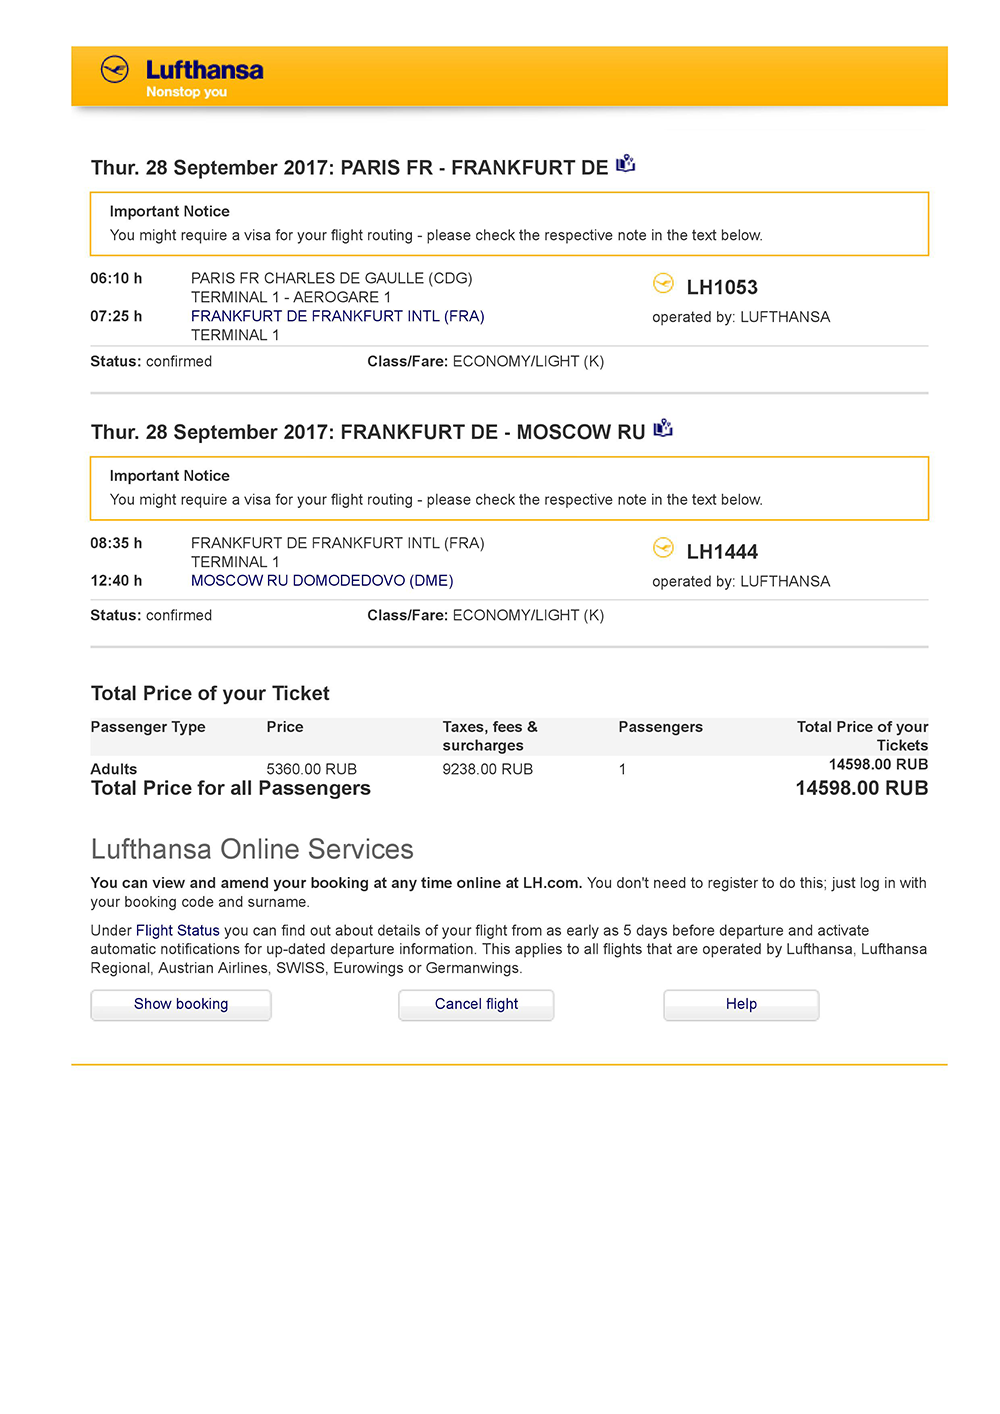 При покупке билетов «Люфтганза» не требует паспортных данных — только имя и фамилию